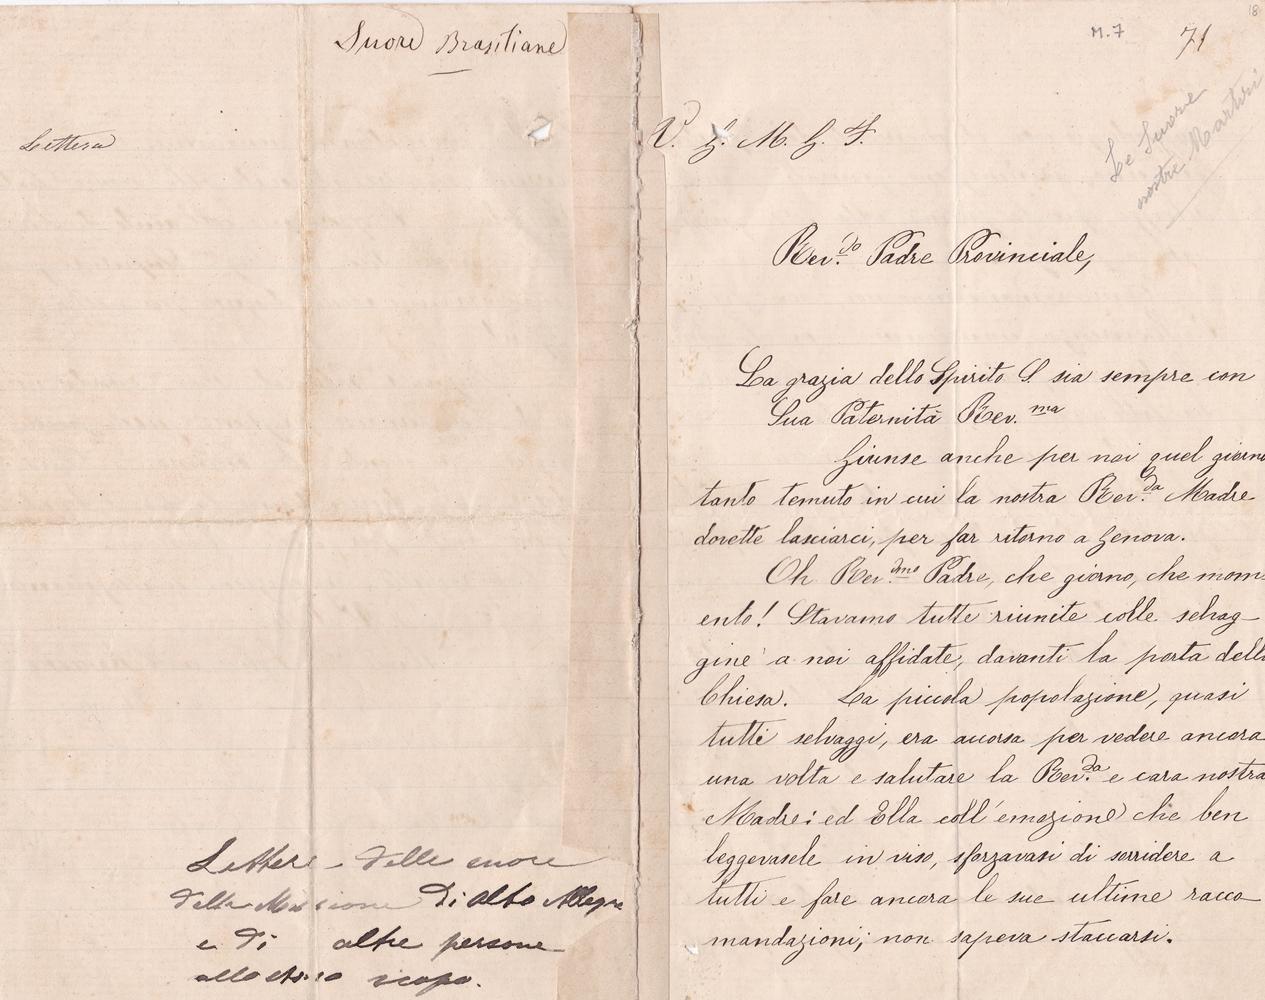 Lettera del gruppo delle missionarie 08.10.1899 recto